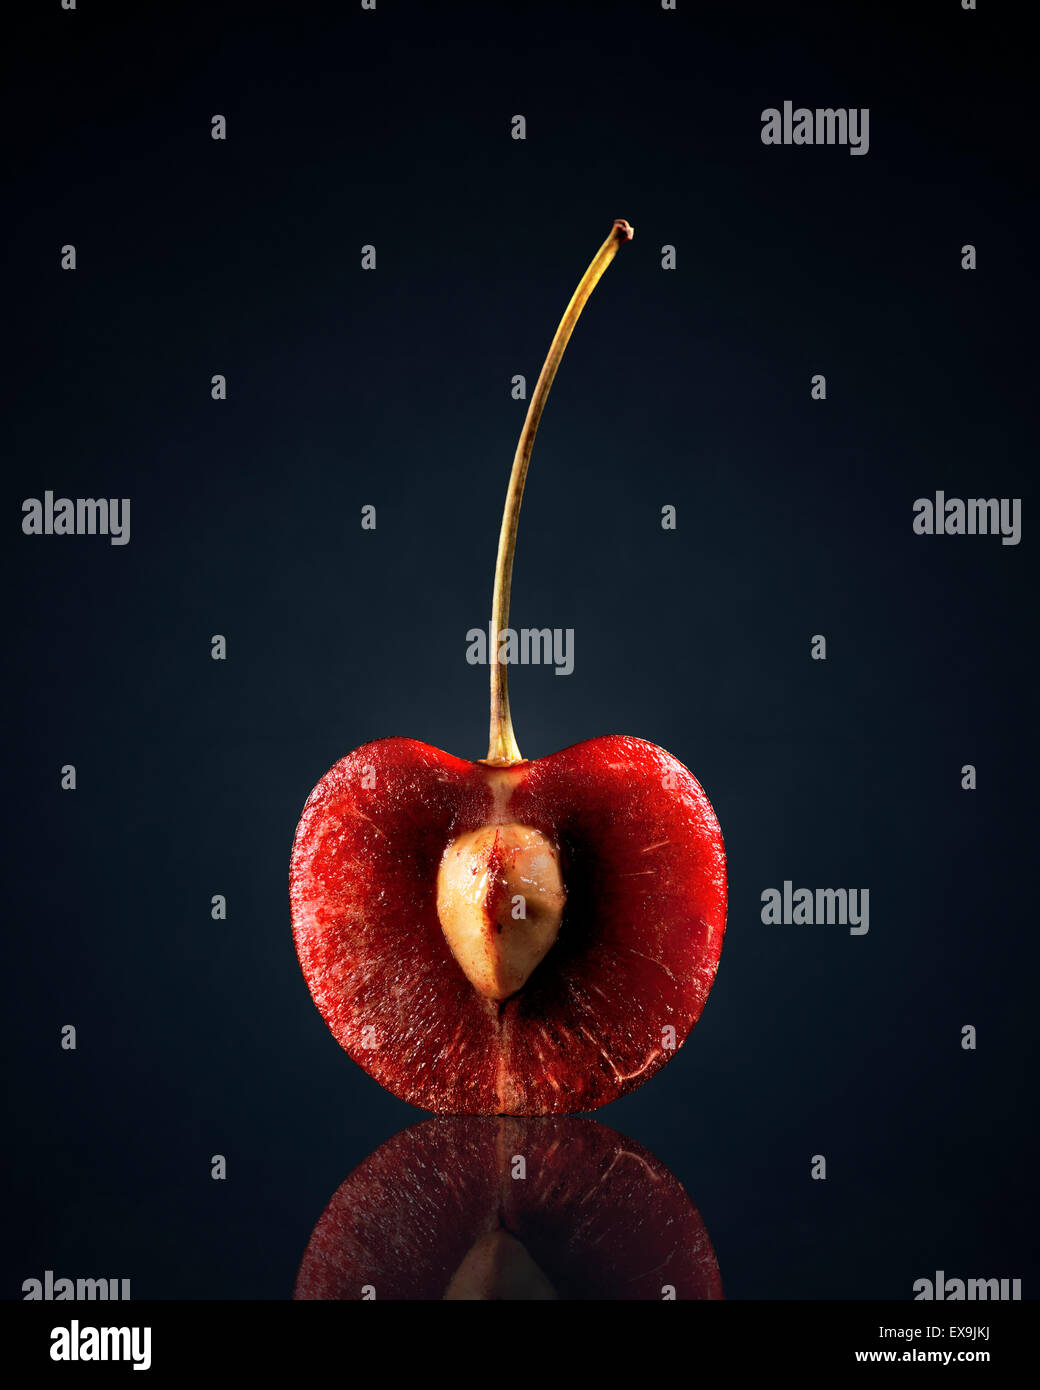 Red Cherry (la mitad) con una reflexión sobre fondo oscuro Imagen De Stock